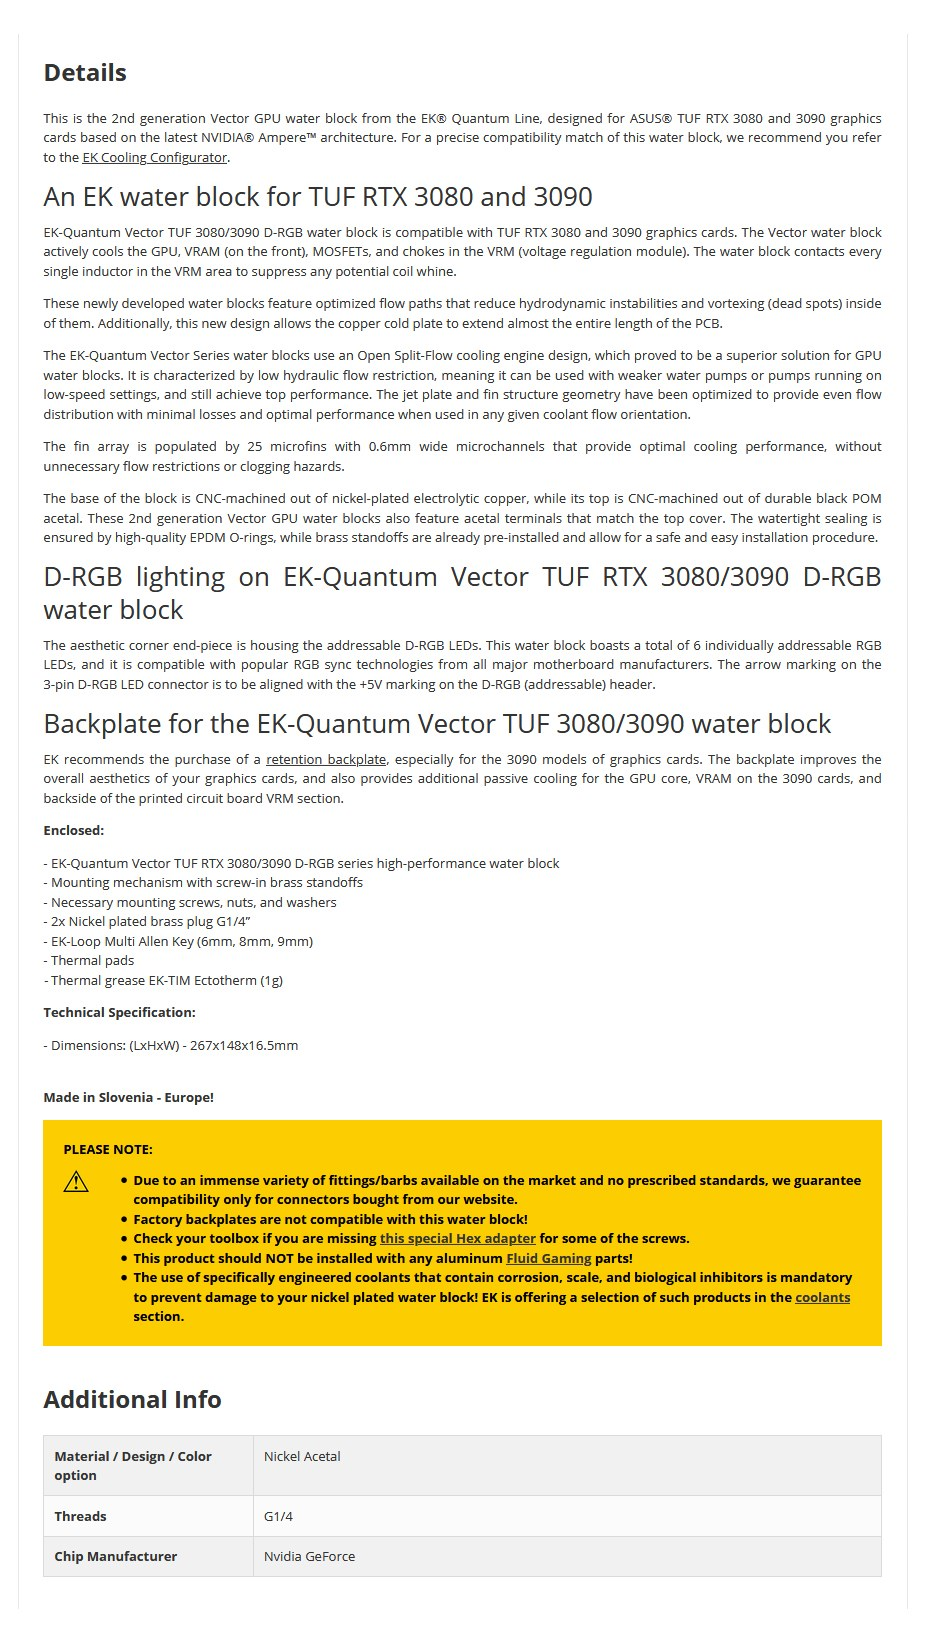 EKWB EK-Quantum Vector TUF RTX 3080/3090 D-RGB - Nickel + Acetal GPU Water Block - Overview 1